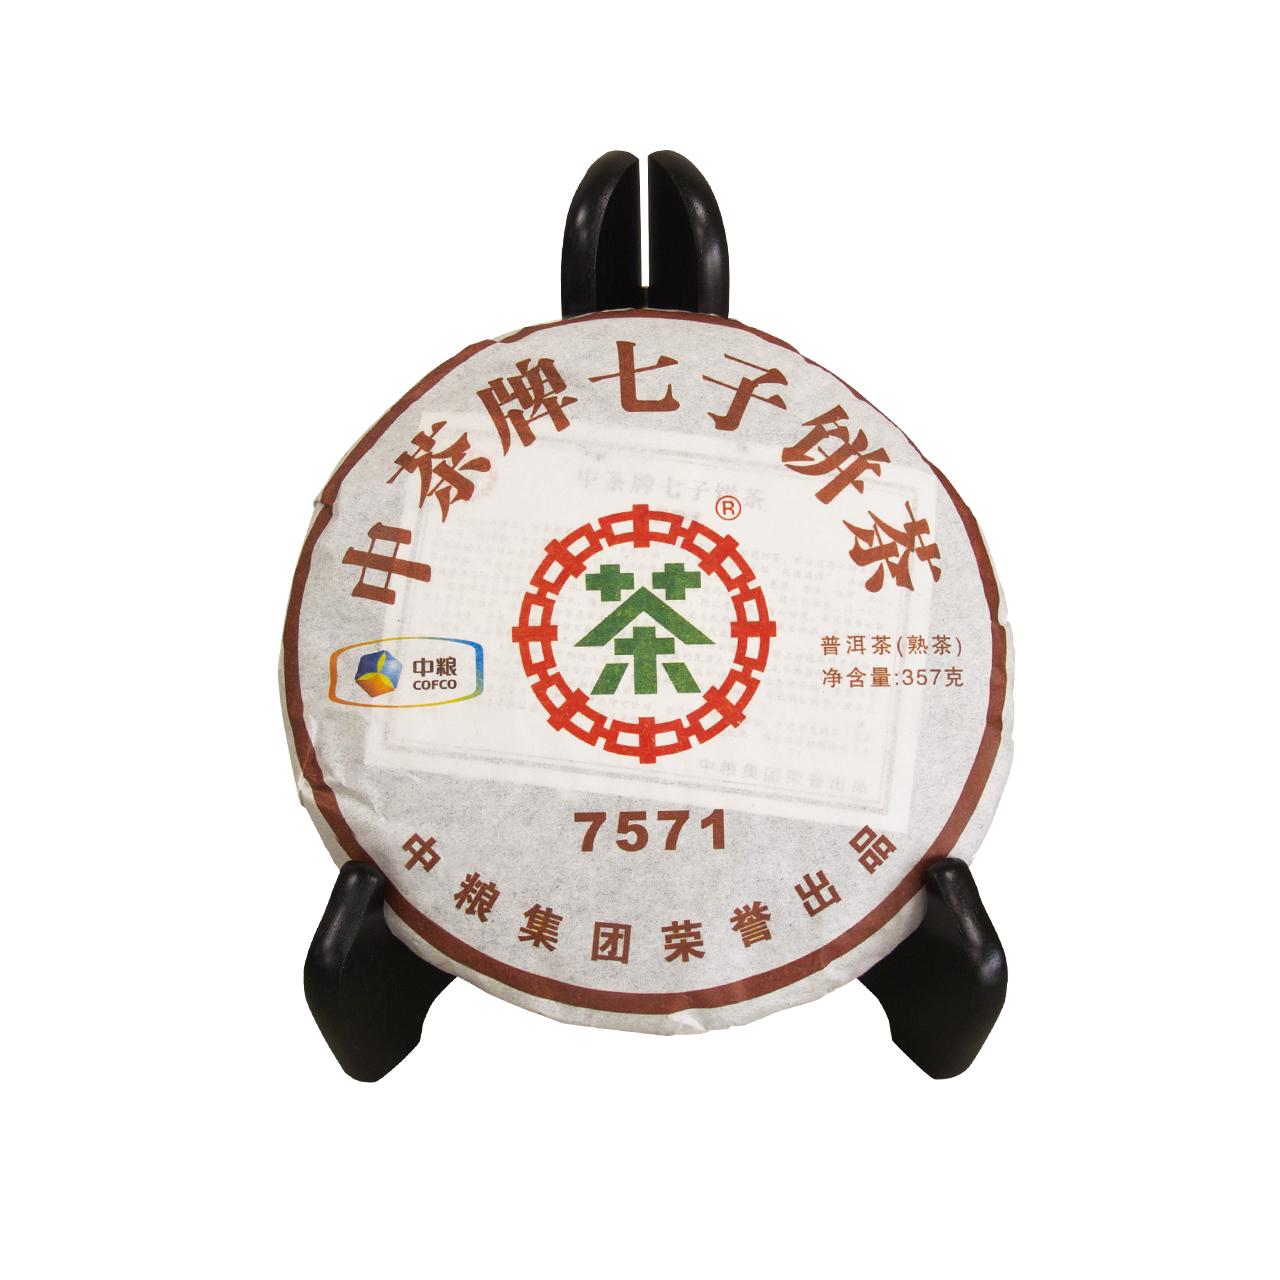 中茶牌七子餅茶(7571)